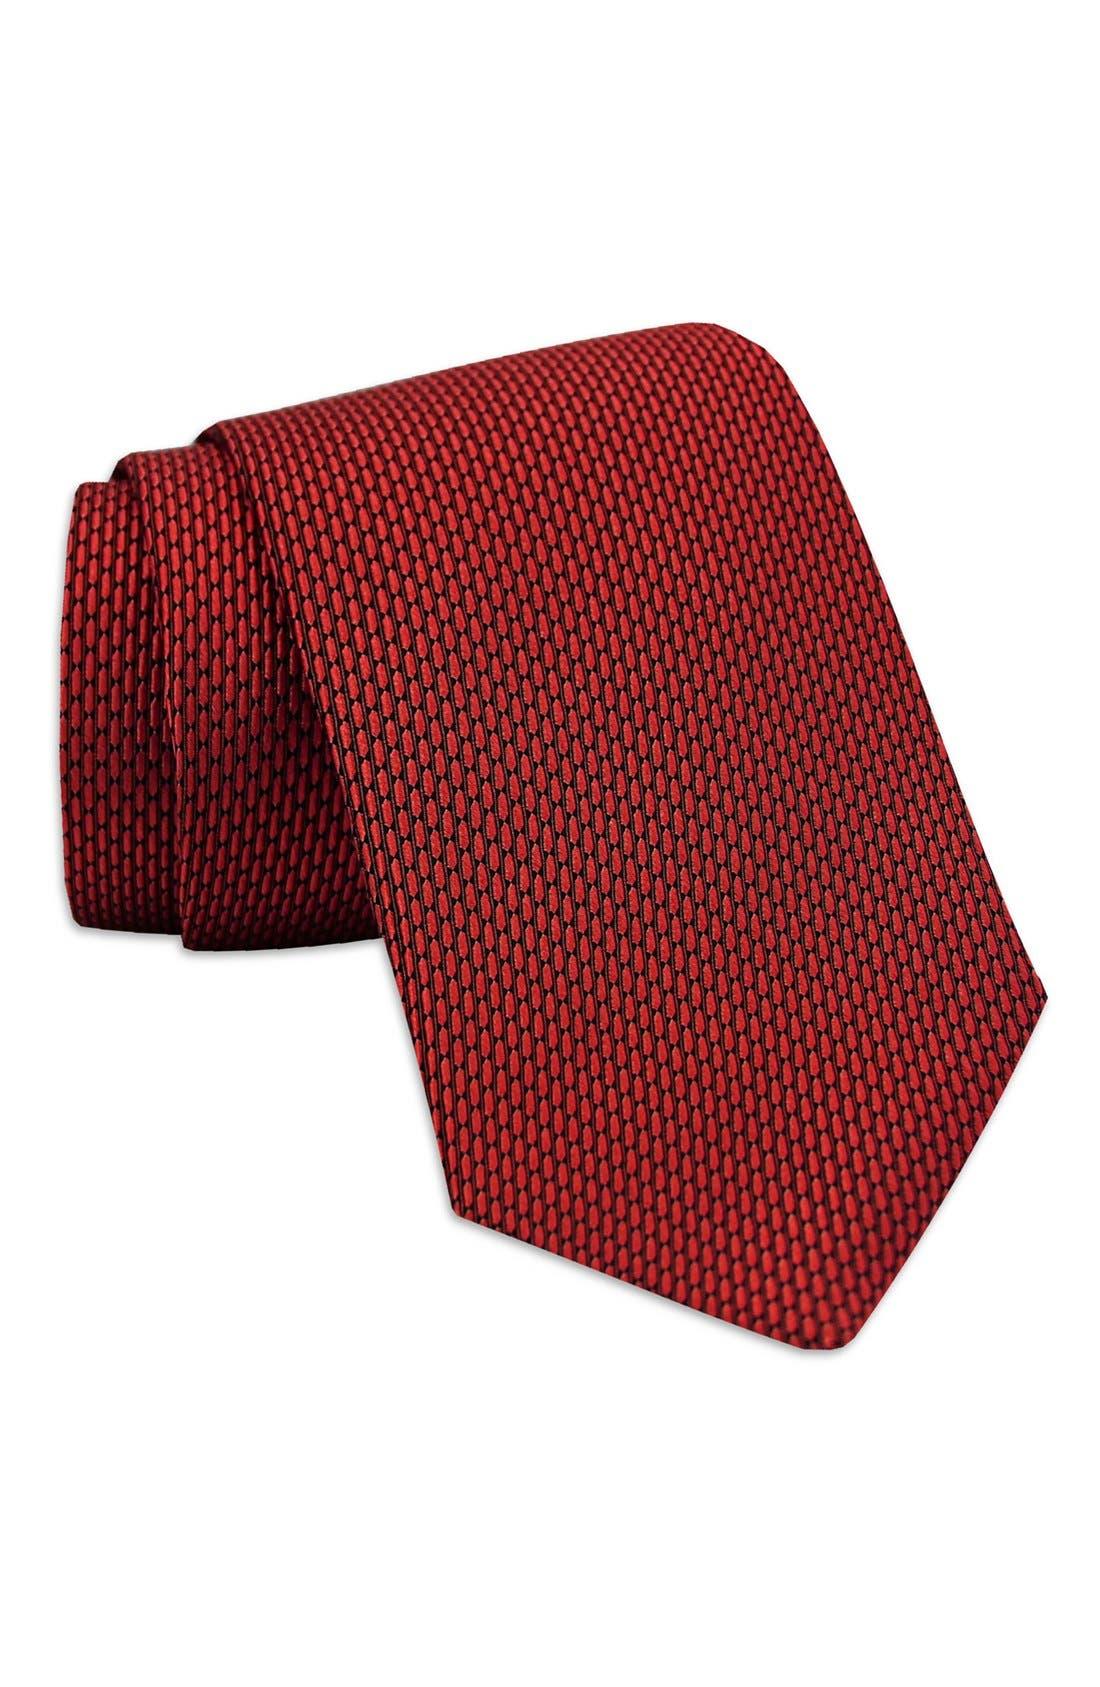 Main Image - Gitman 'Neat' Woven Silk Tie